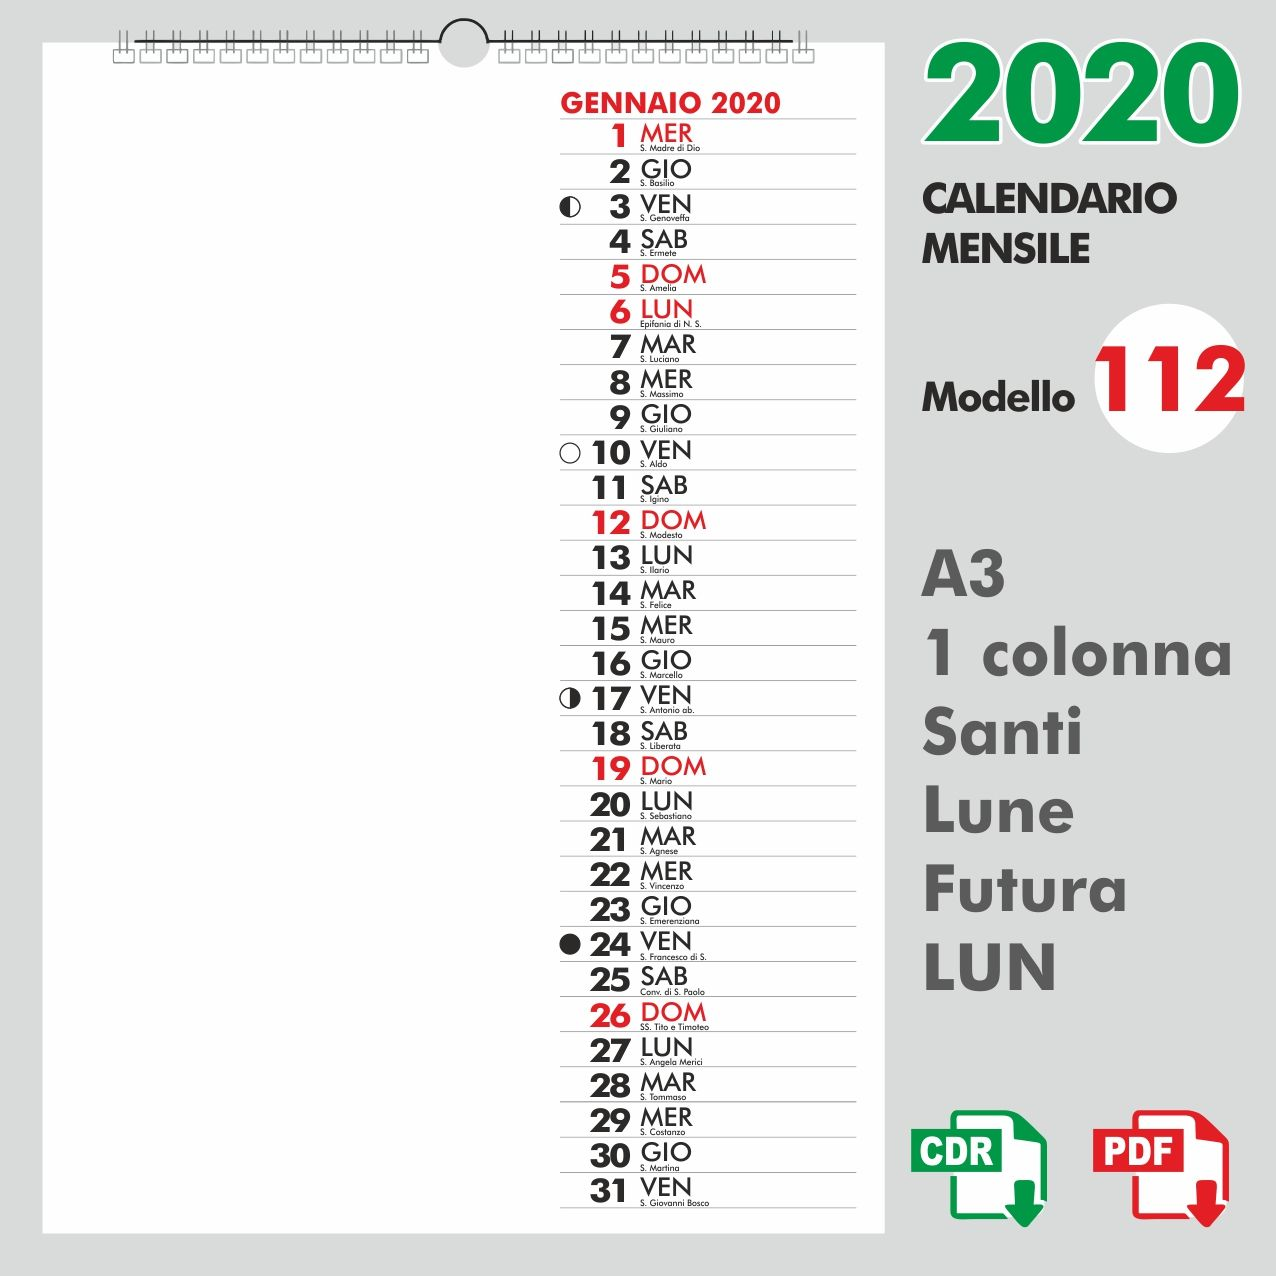 Calendario 2020 Da Stampare Semestrale.Calendario 2020 Mensile Giorno Scritto Abbreviato Tipo Lun